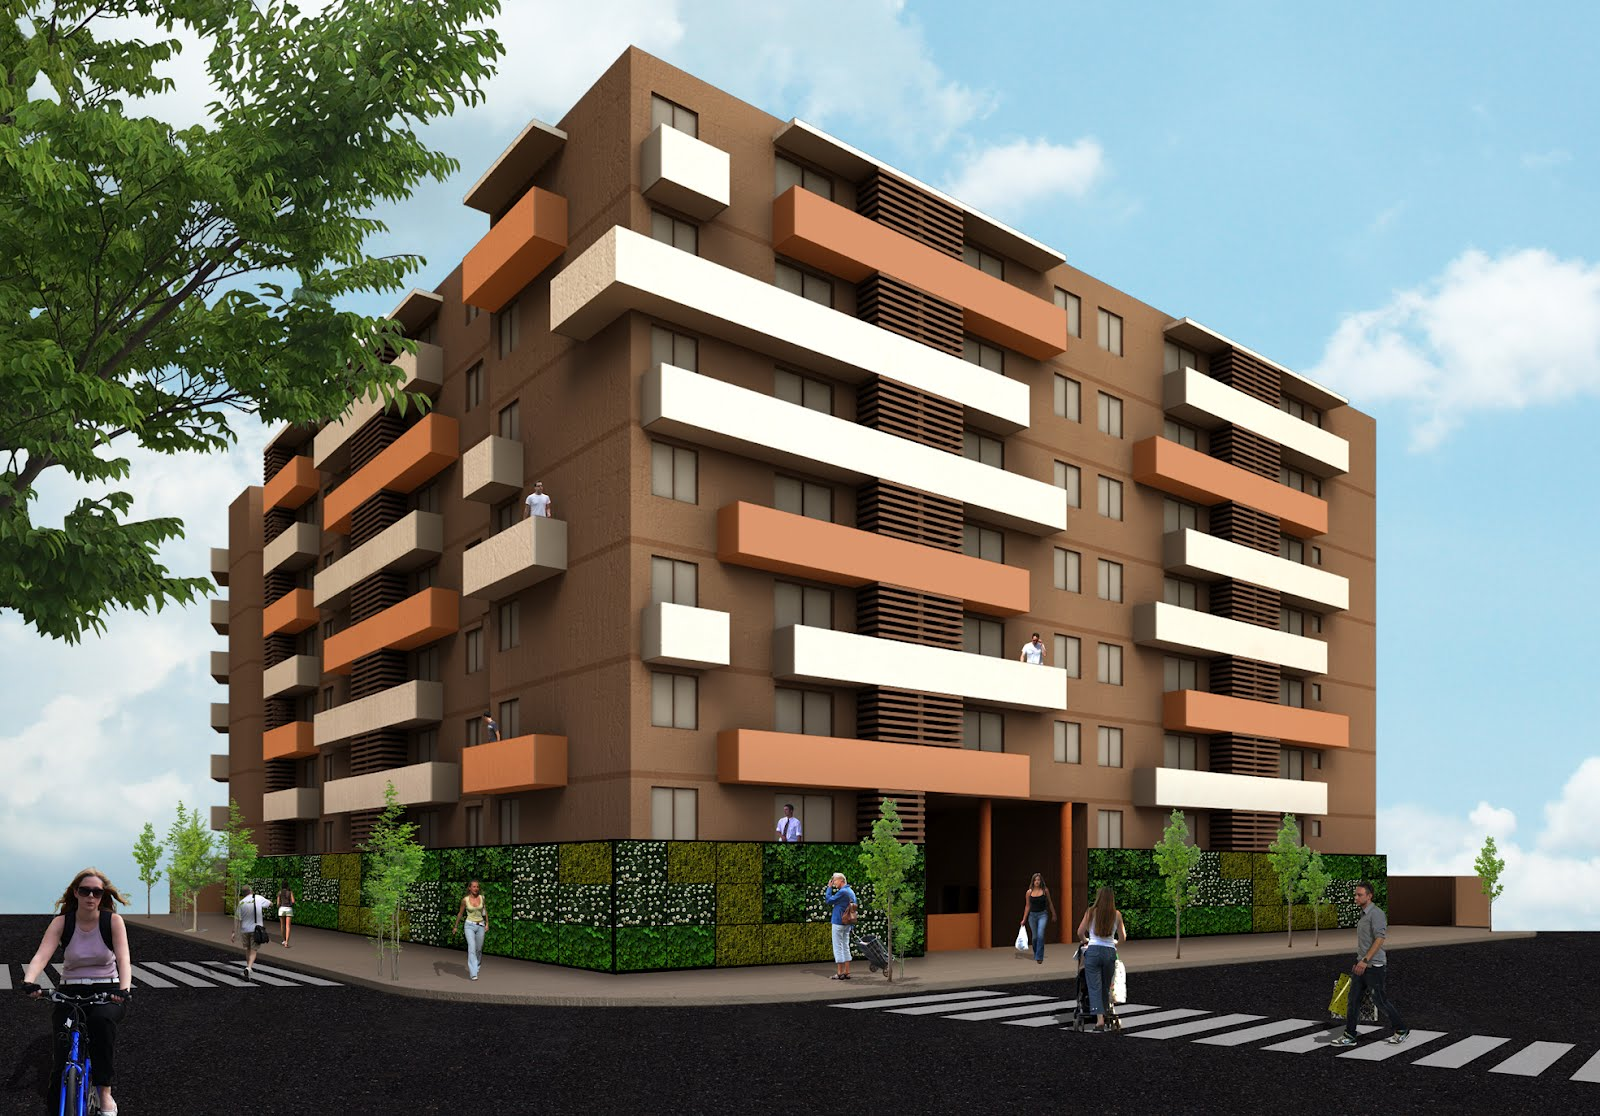 Stgo 014 proyecto talca dise o de fachada muro verde for Diseno de muros verdes